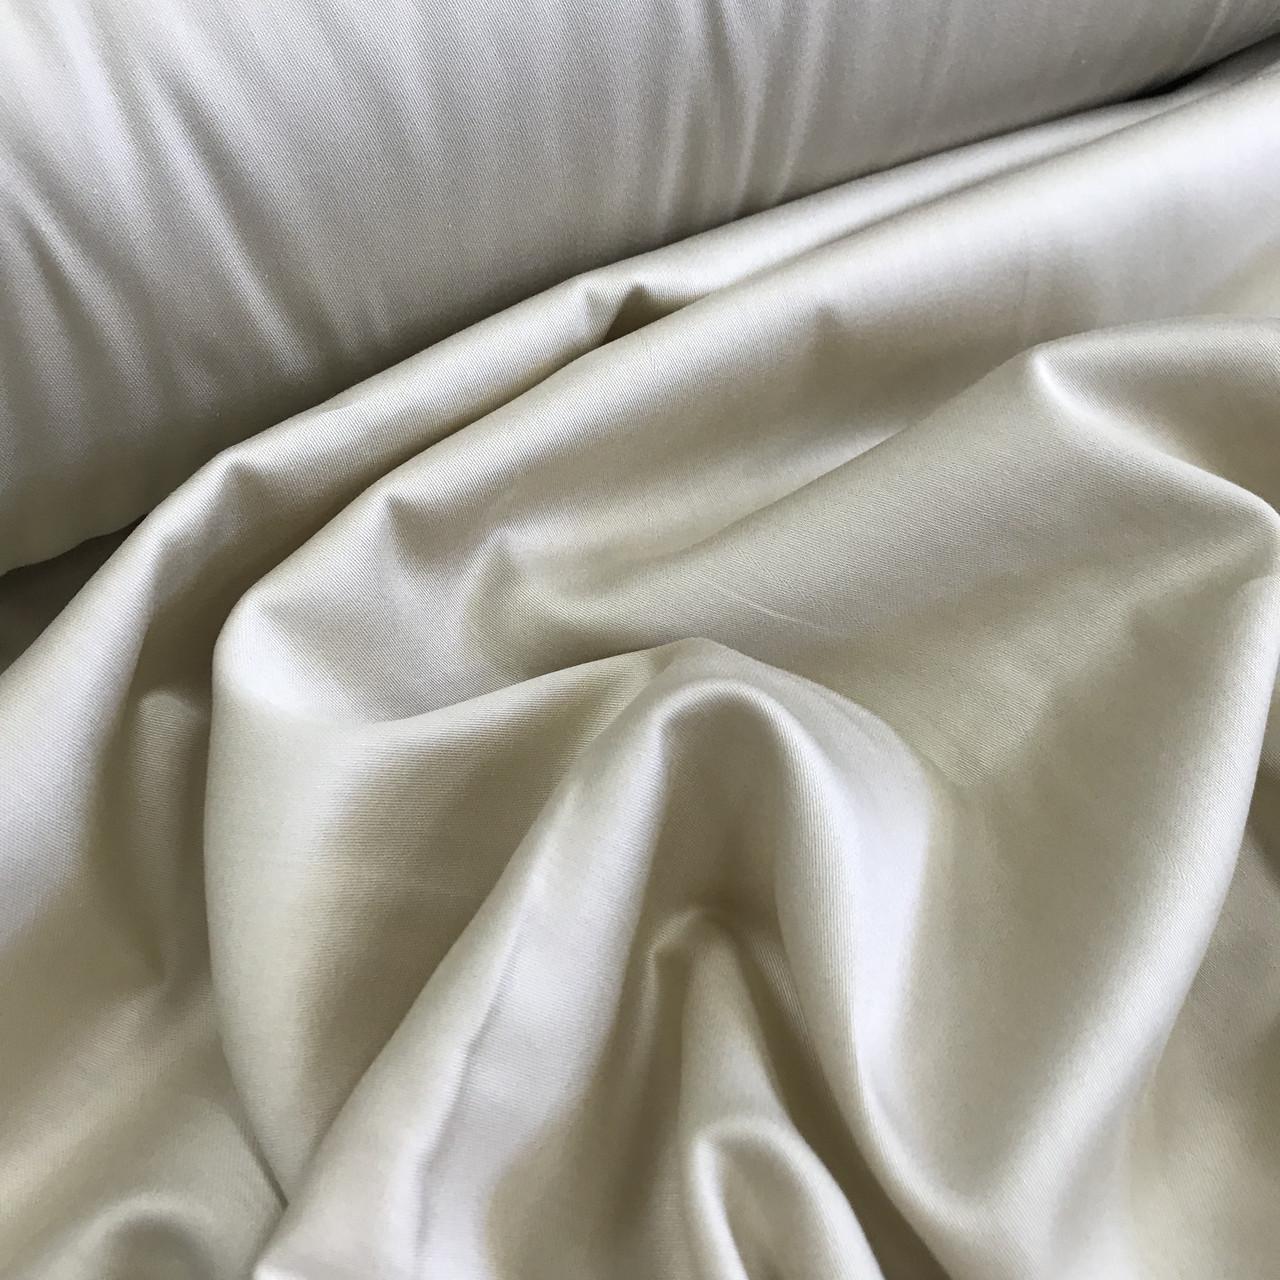 Сатин бежевый для постельного белья, мерсеризованный  (ТУРЦИЯ шир. 2,4 м) № 31-25s